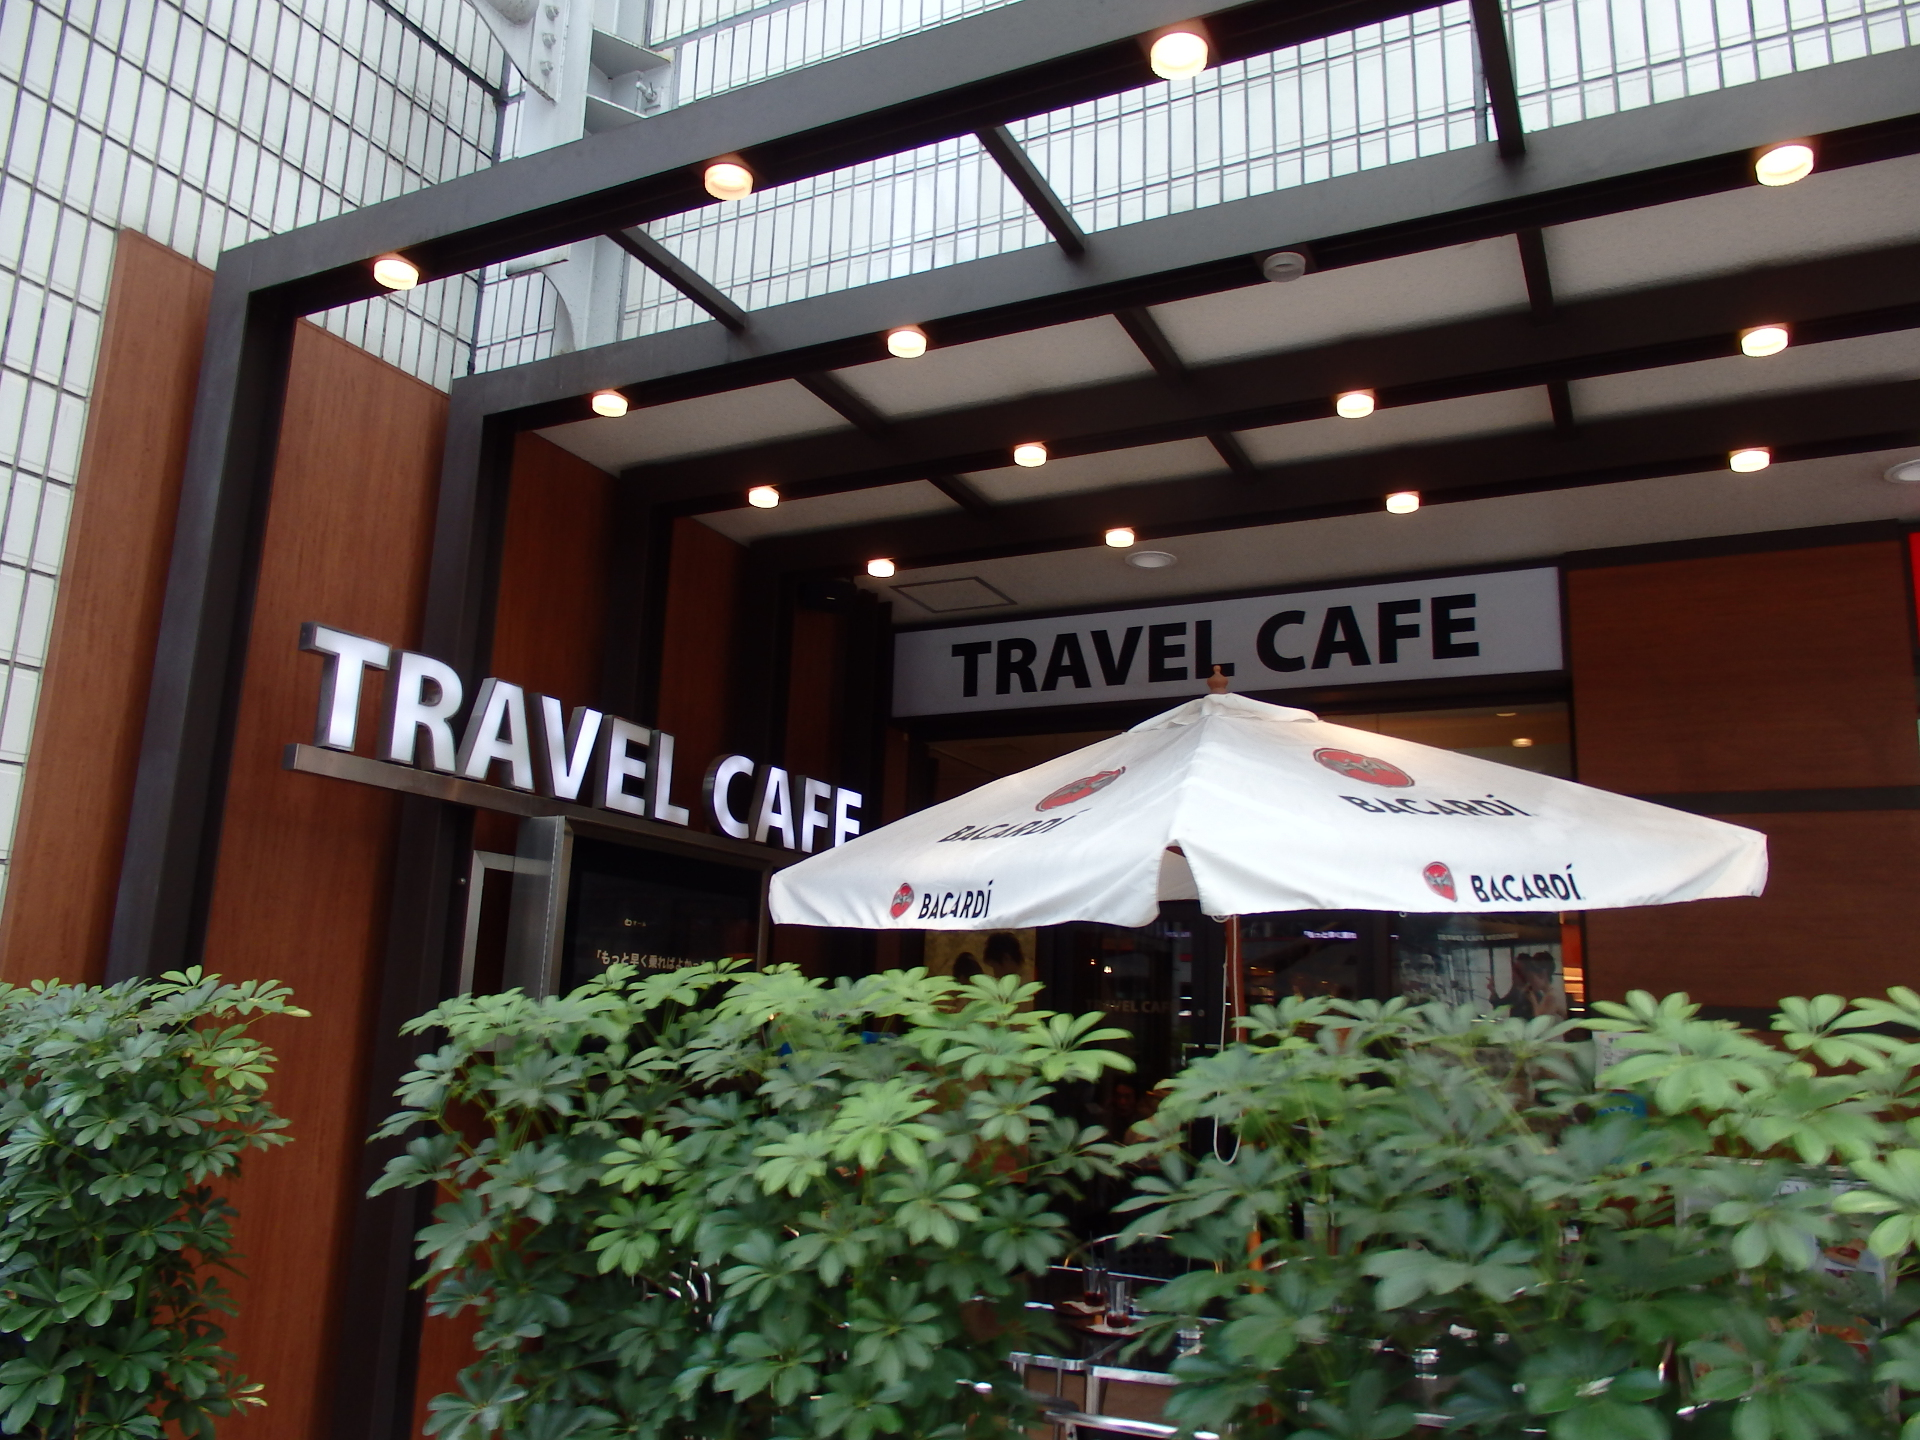 東急ハンズ内にあるトラベルカフェです。